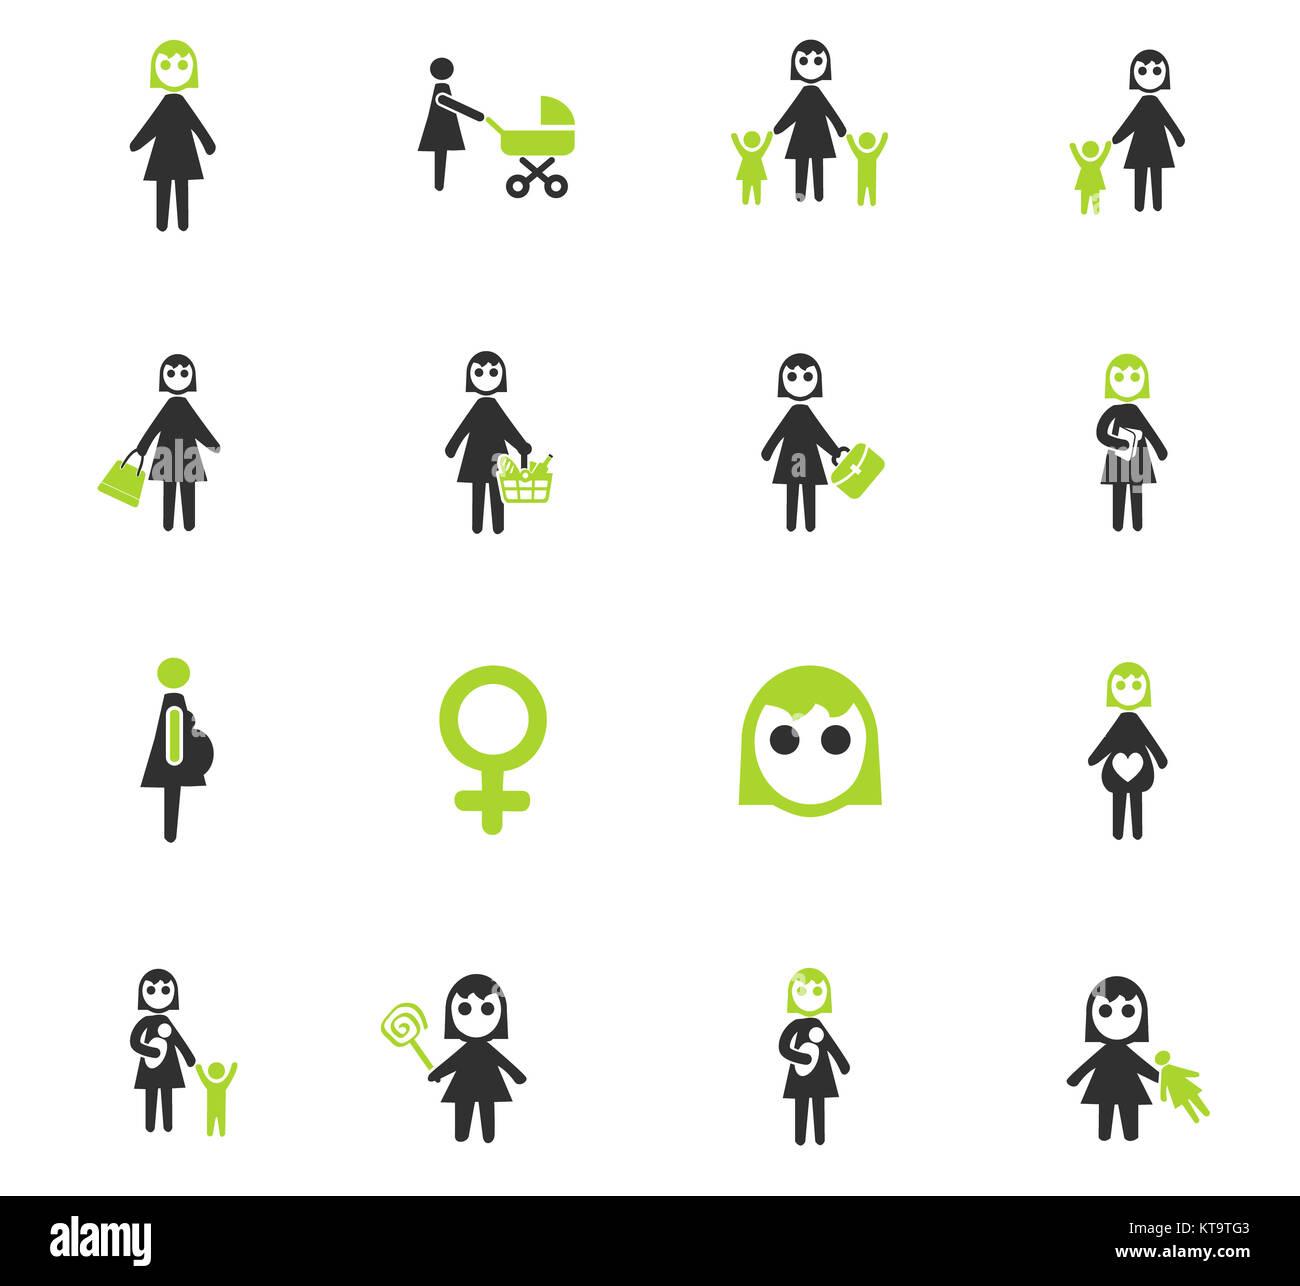 woman icon set - Stock Image